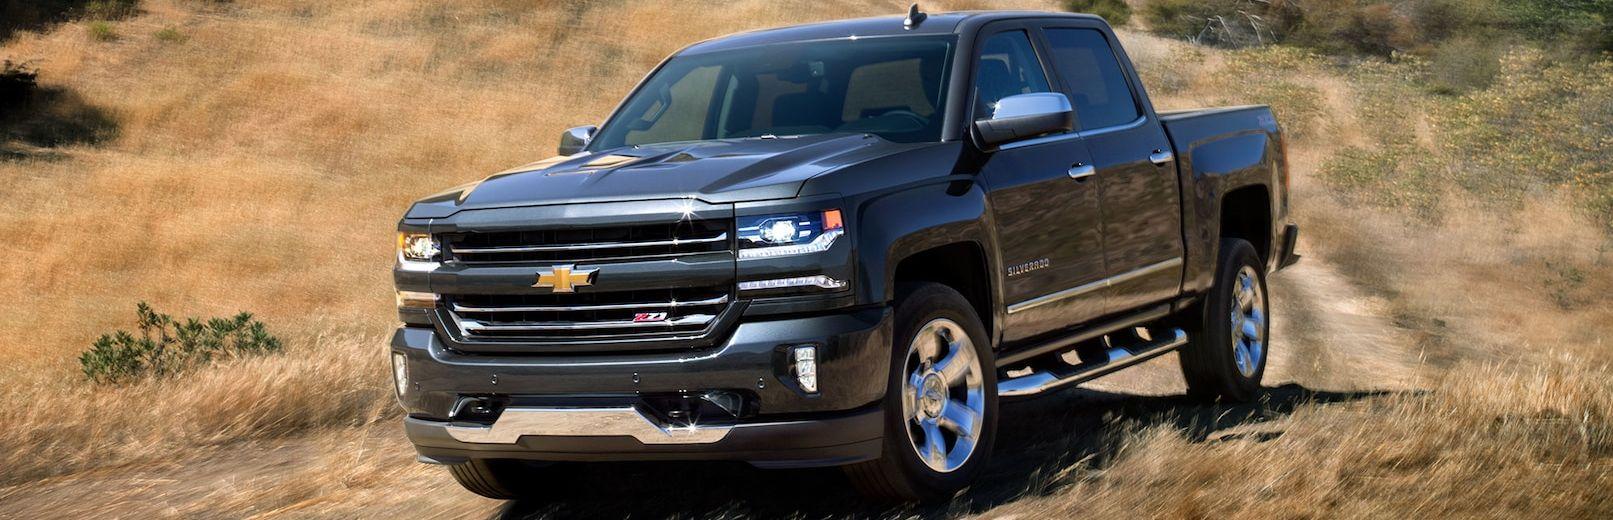 2018 Chevrolet Silverado 1500 Financing in Elk Grove, CA